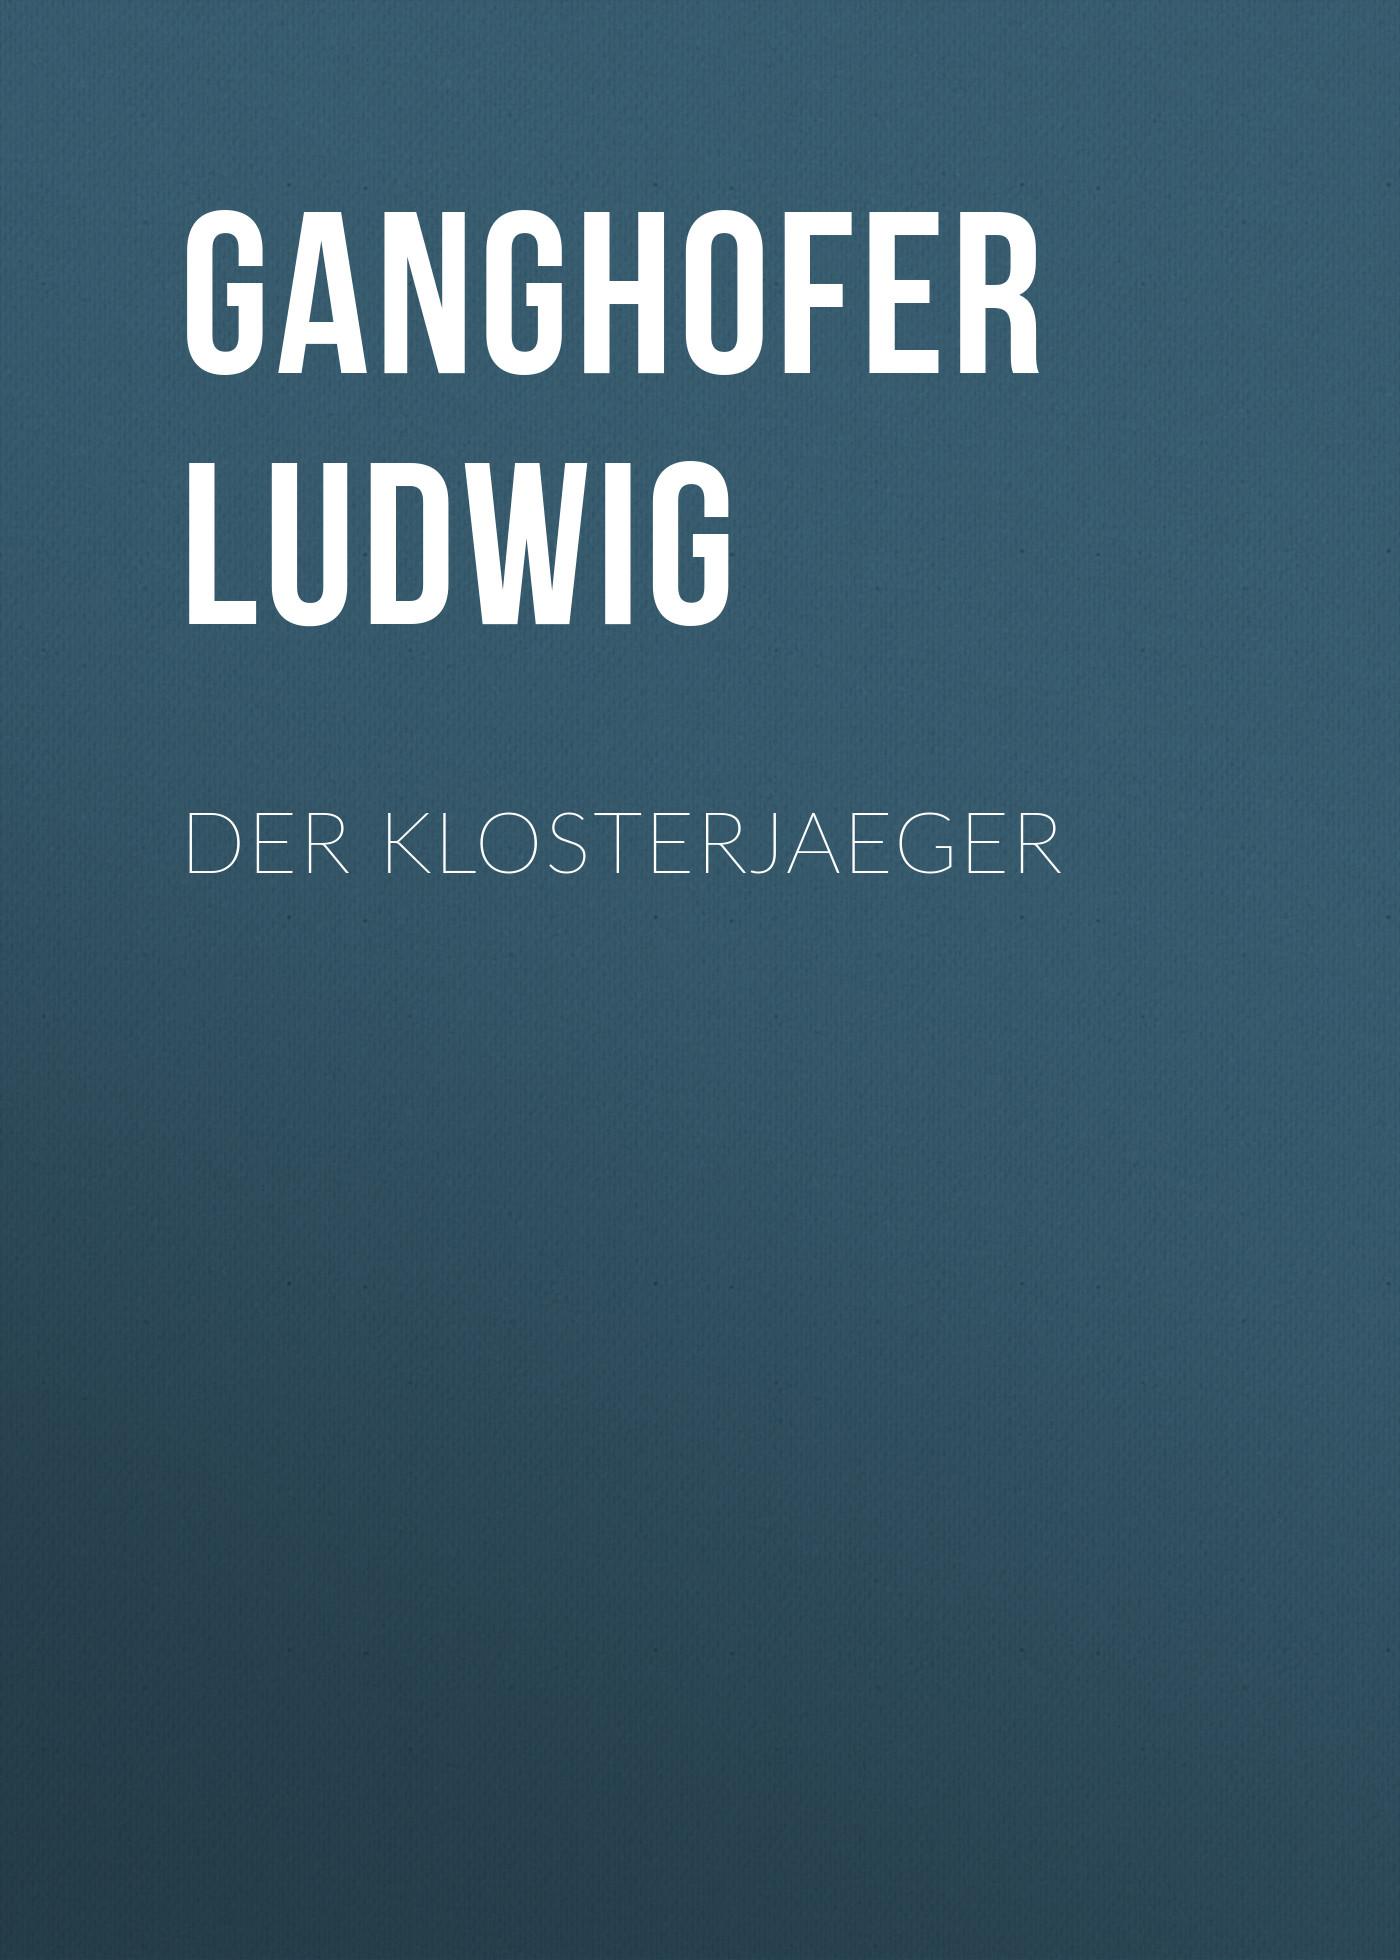 цена Ganghofer Ludwig Der Klosterjaeger онлайн в 2017 году